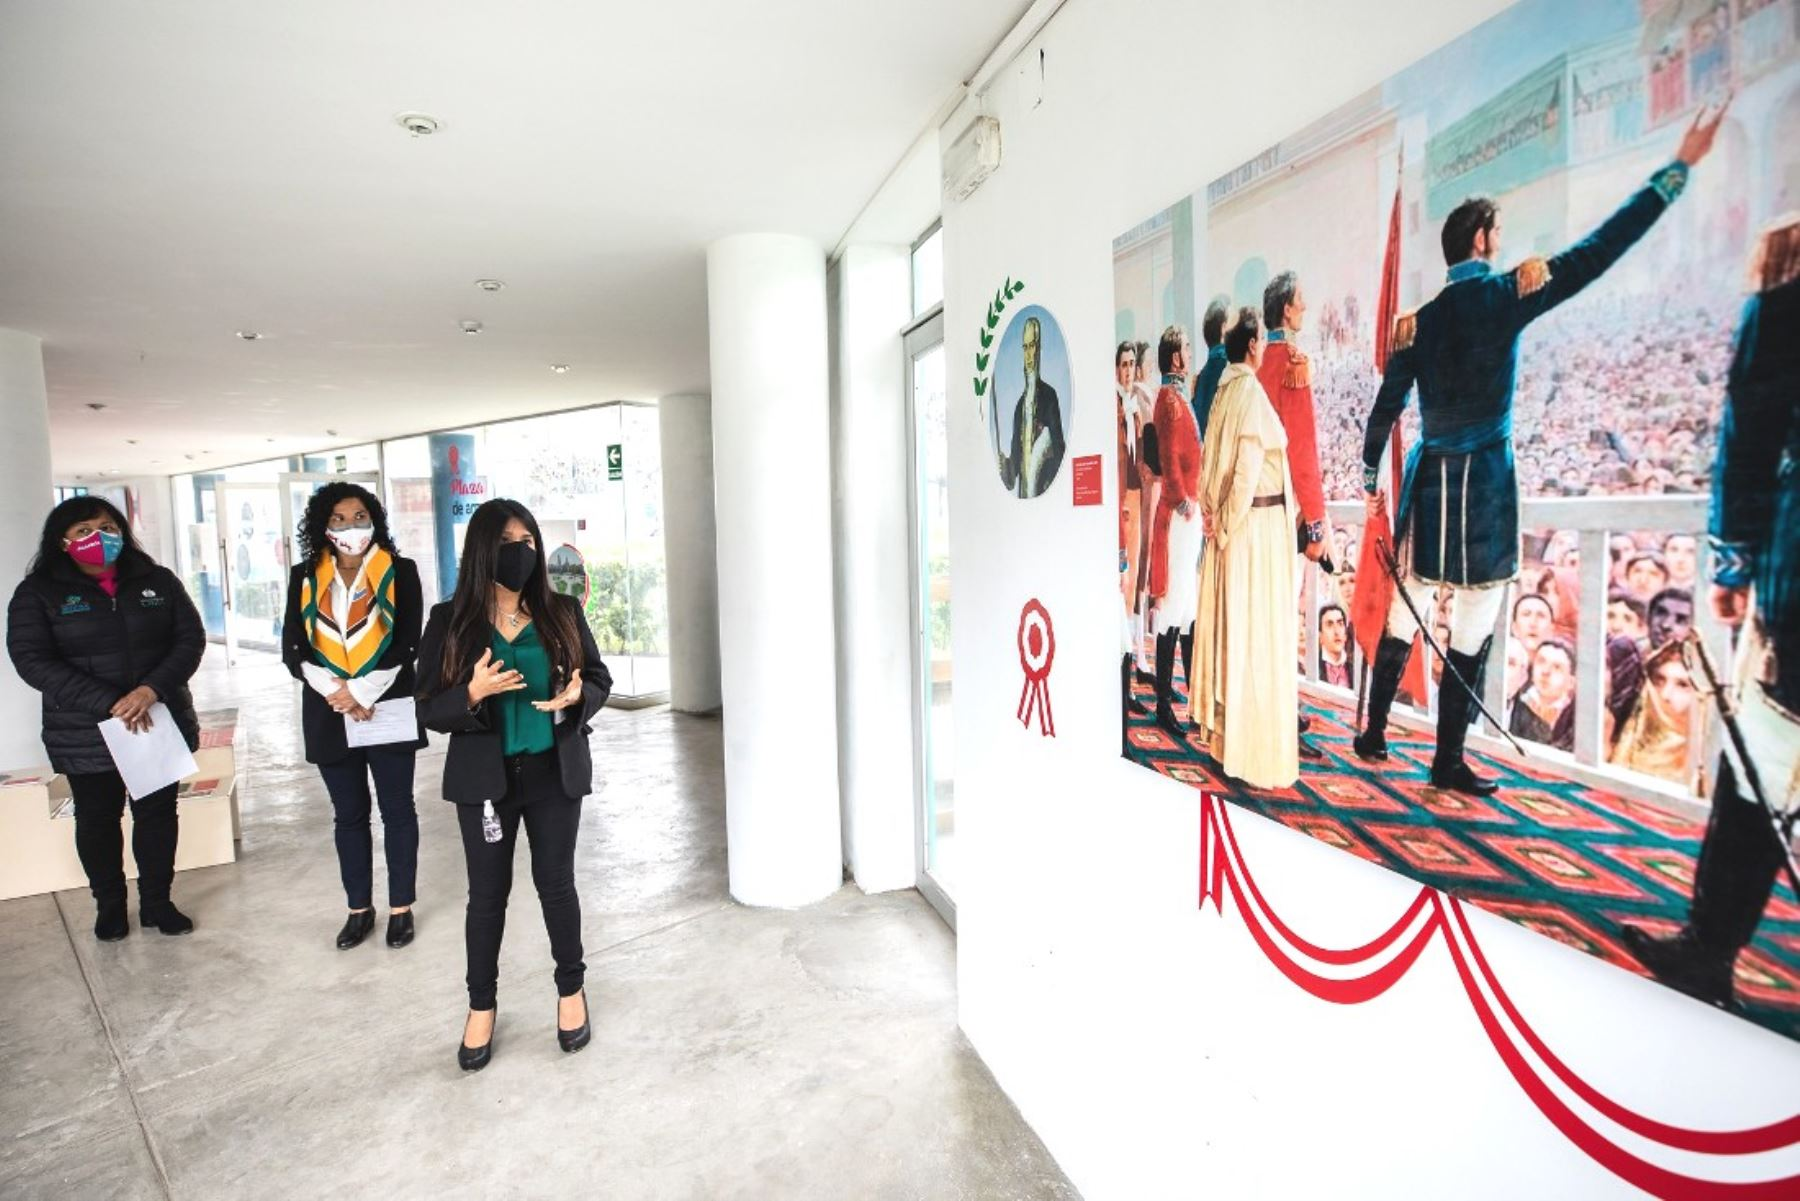 Clubes zonales de Lima exhiben muestra sobre la historia de la Independencia del Perú. Foto: ANDINA/difusión.